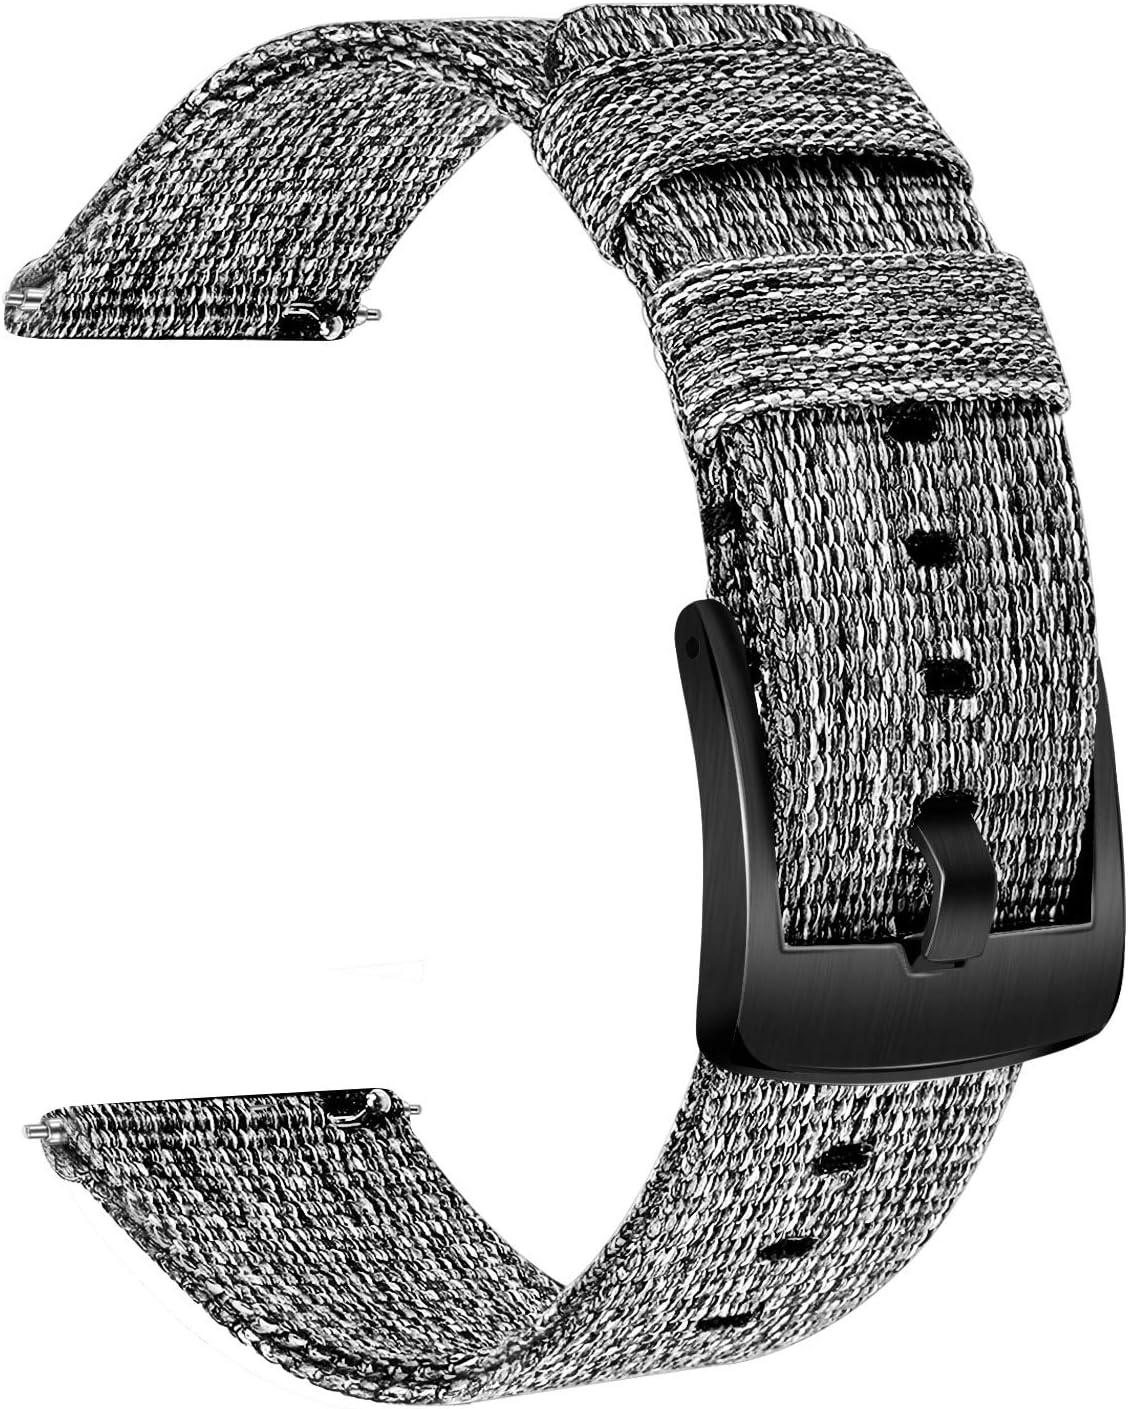 TRUMiRR Compatible avec Garmin Vivomove HR Sport Bande de Montre Bracelet de Montre en Nylon Sangle Bracelet /à Boucle en Acier Inoxydable pour Garmin Vivomove HR Sport Pas pour Vivomove HR Premium